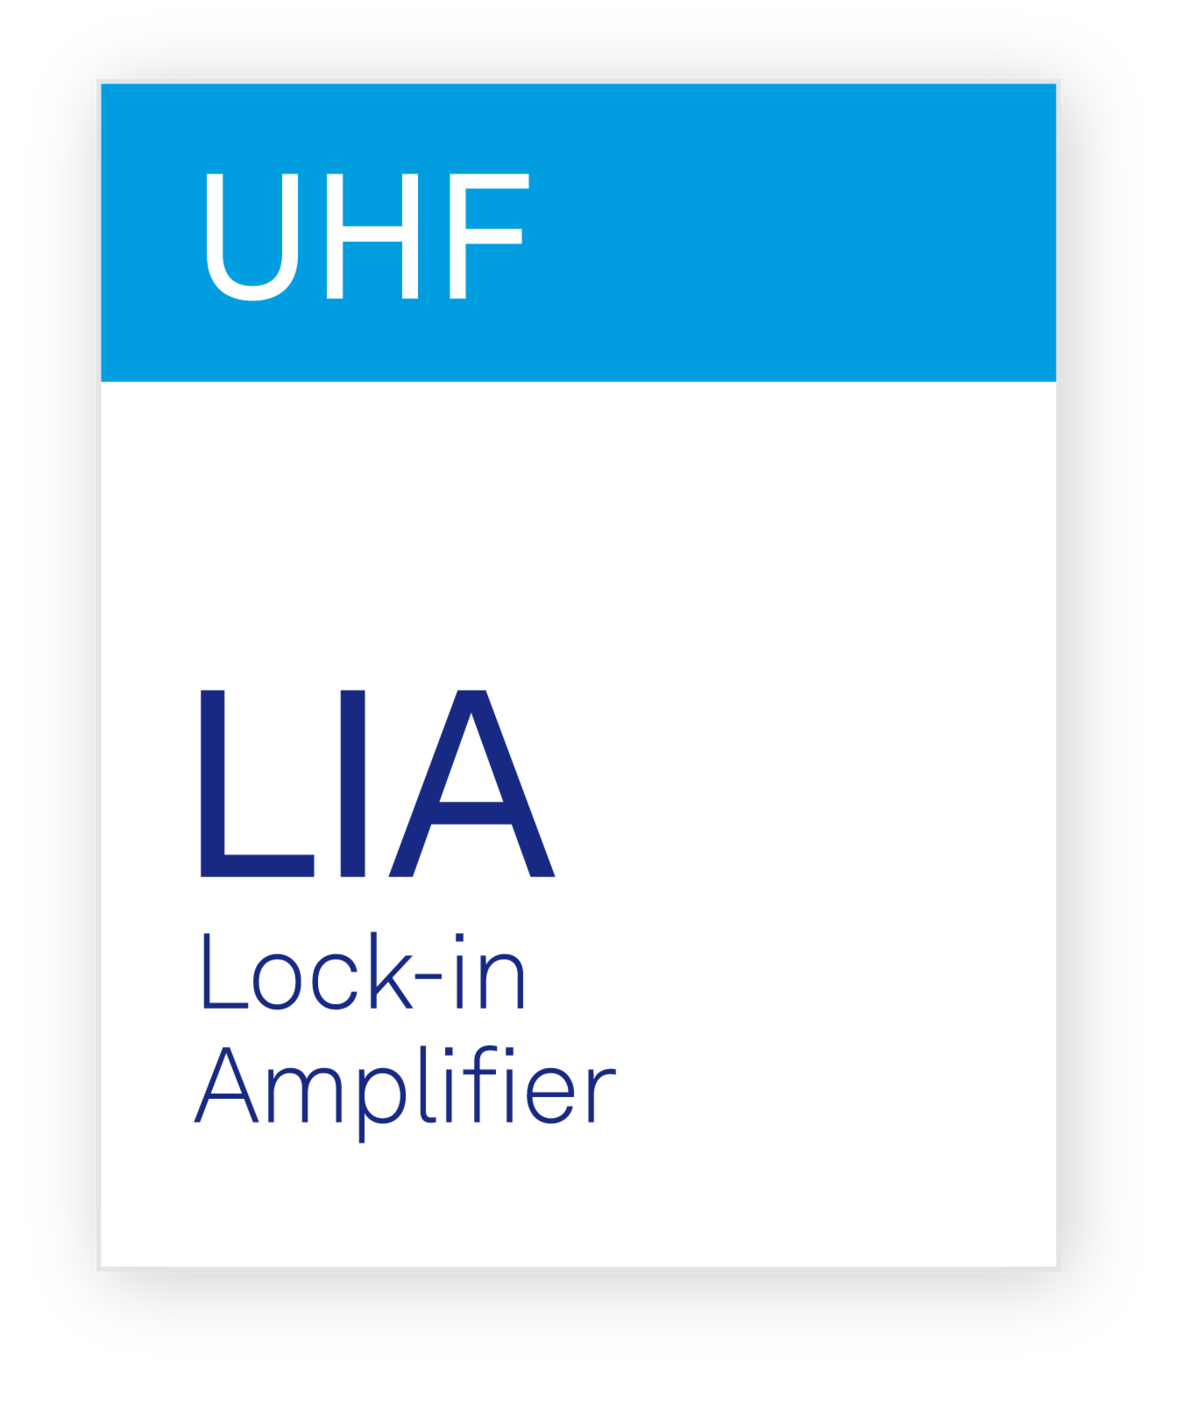 Zurich Instruments UHF LIA Lock-in Amplifier